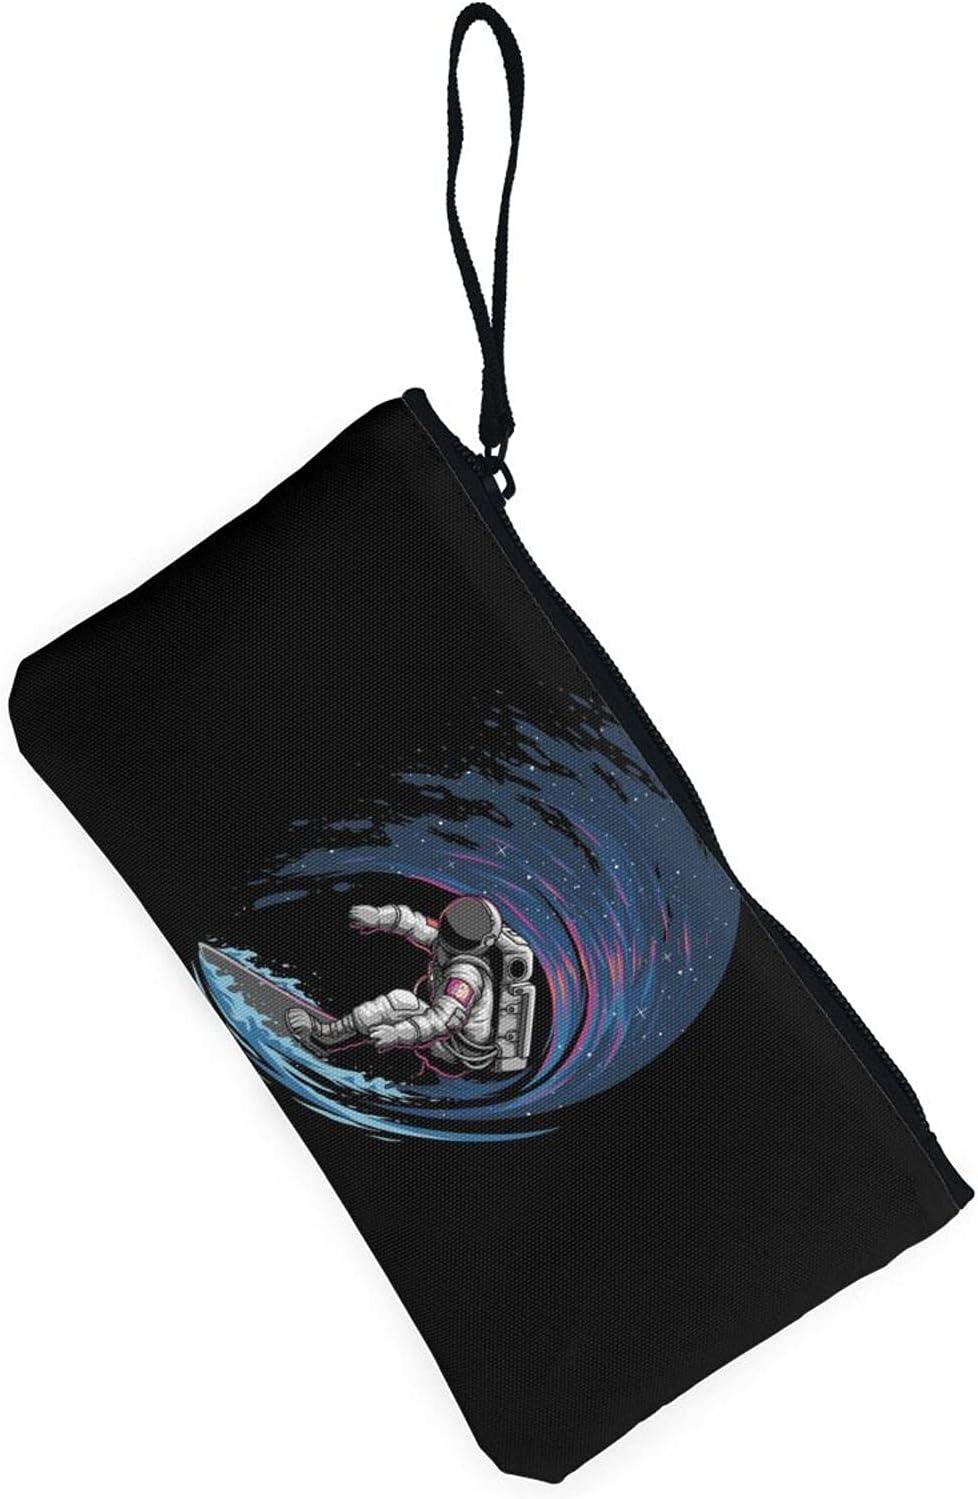 AORRUAM Astronaut surfing Canvas Coin Purse,Canvas Zipper Pencil Cases,Canvas Change Purse Pouch Mini Wallet Coin Bag